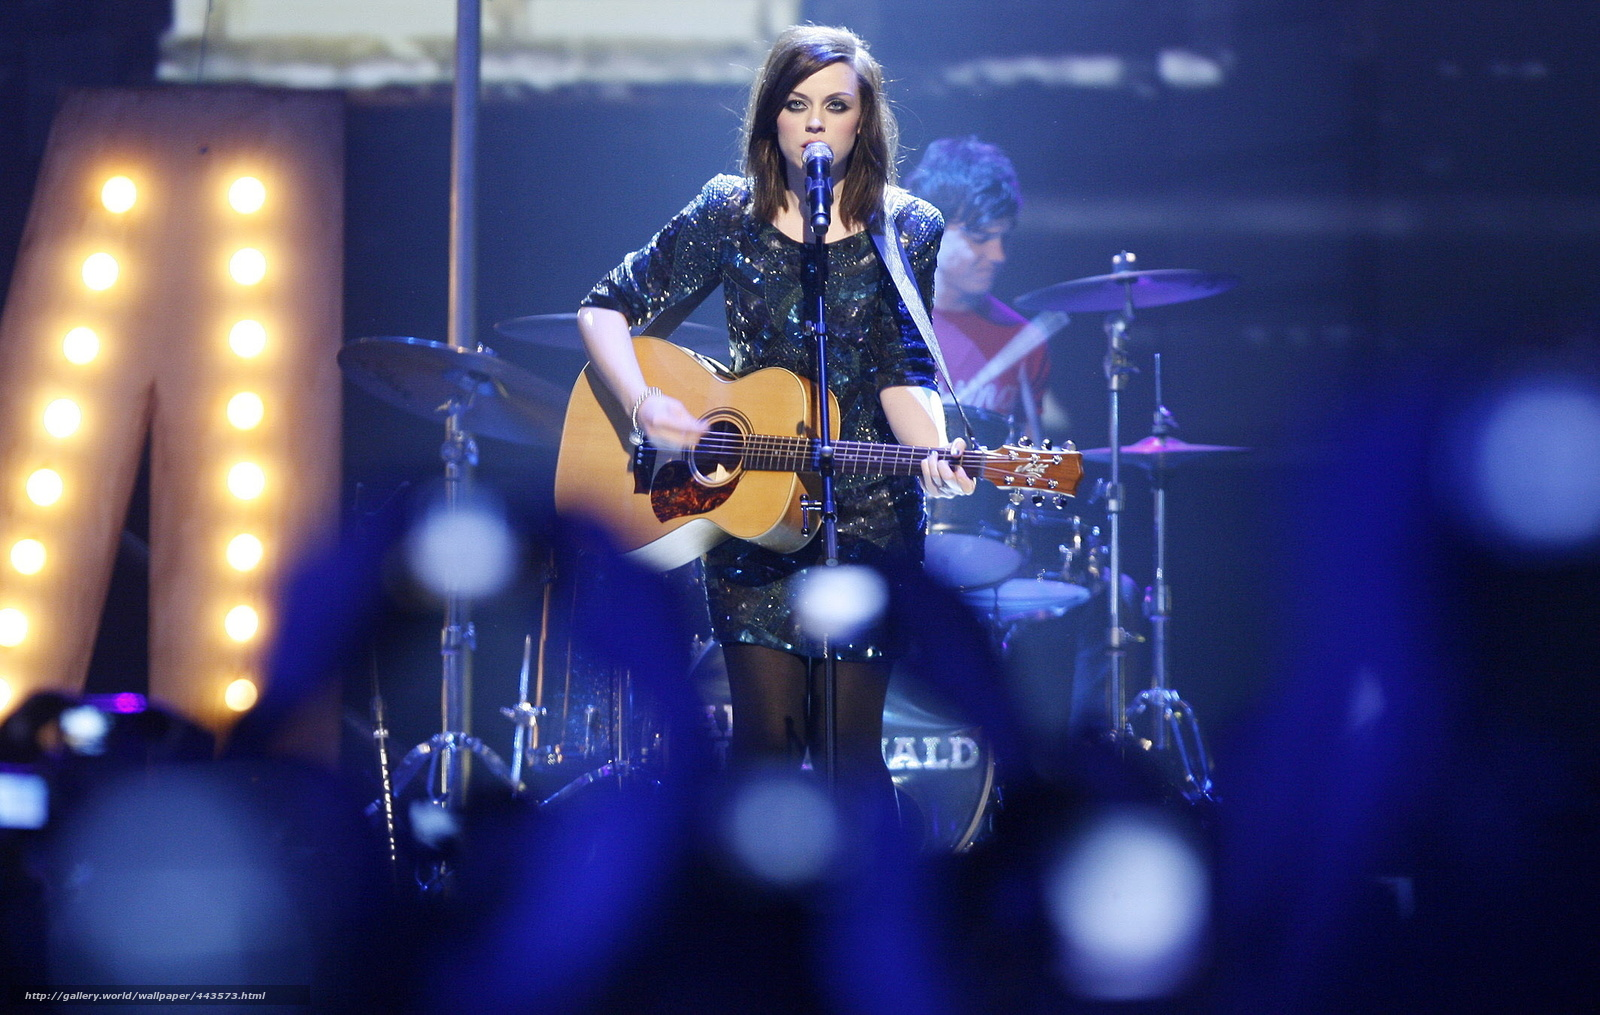 Tlcharger fond d 39 ecran chanteur avec une guitare live for Fond ecran photo live